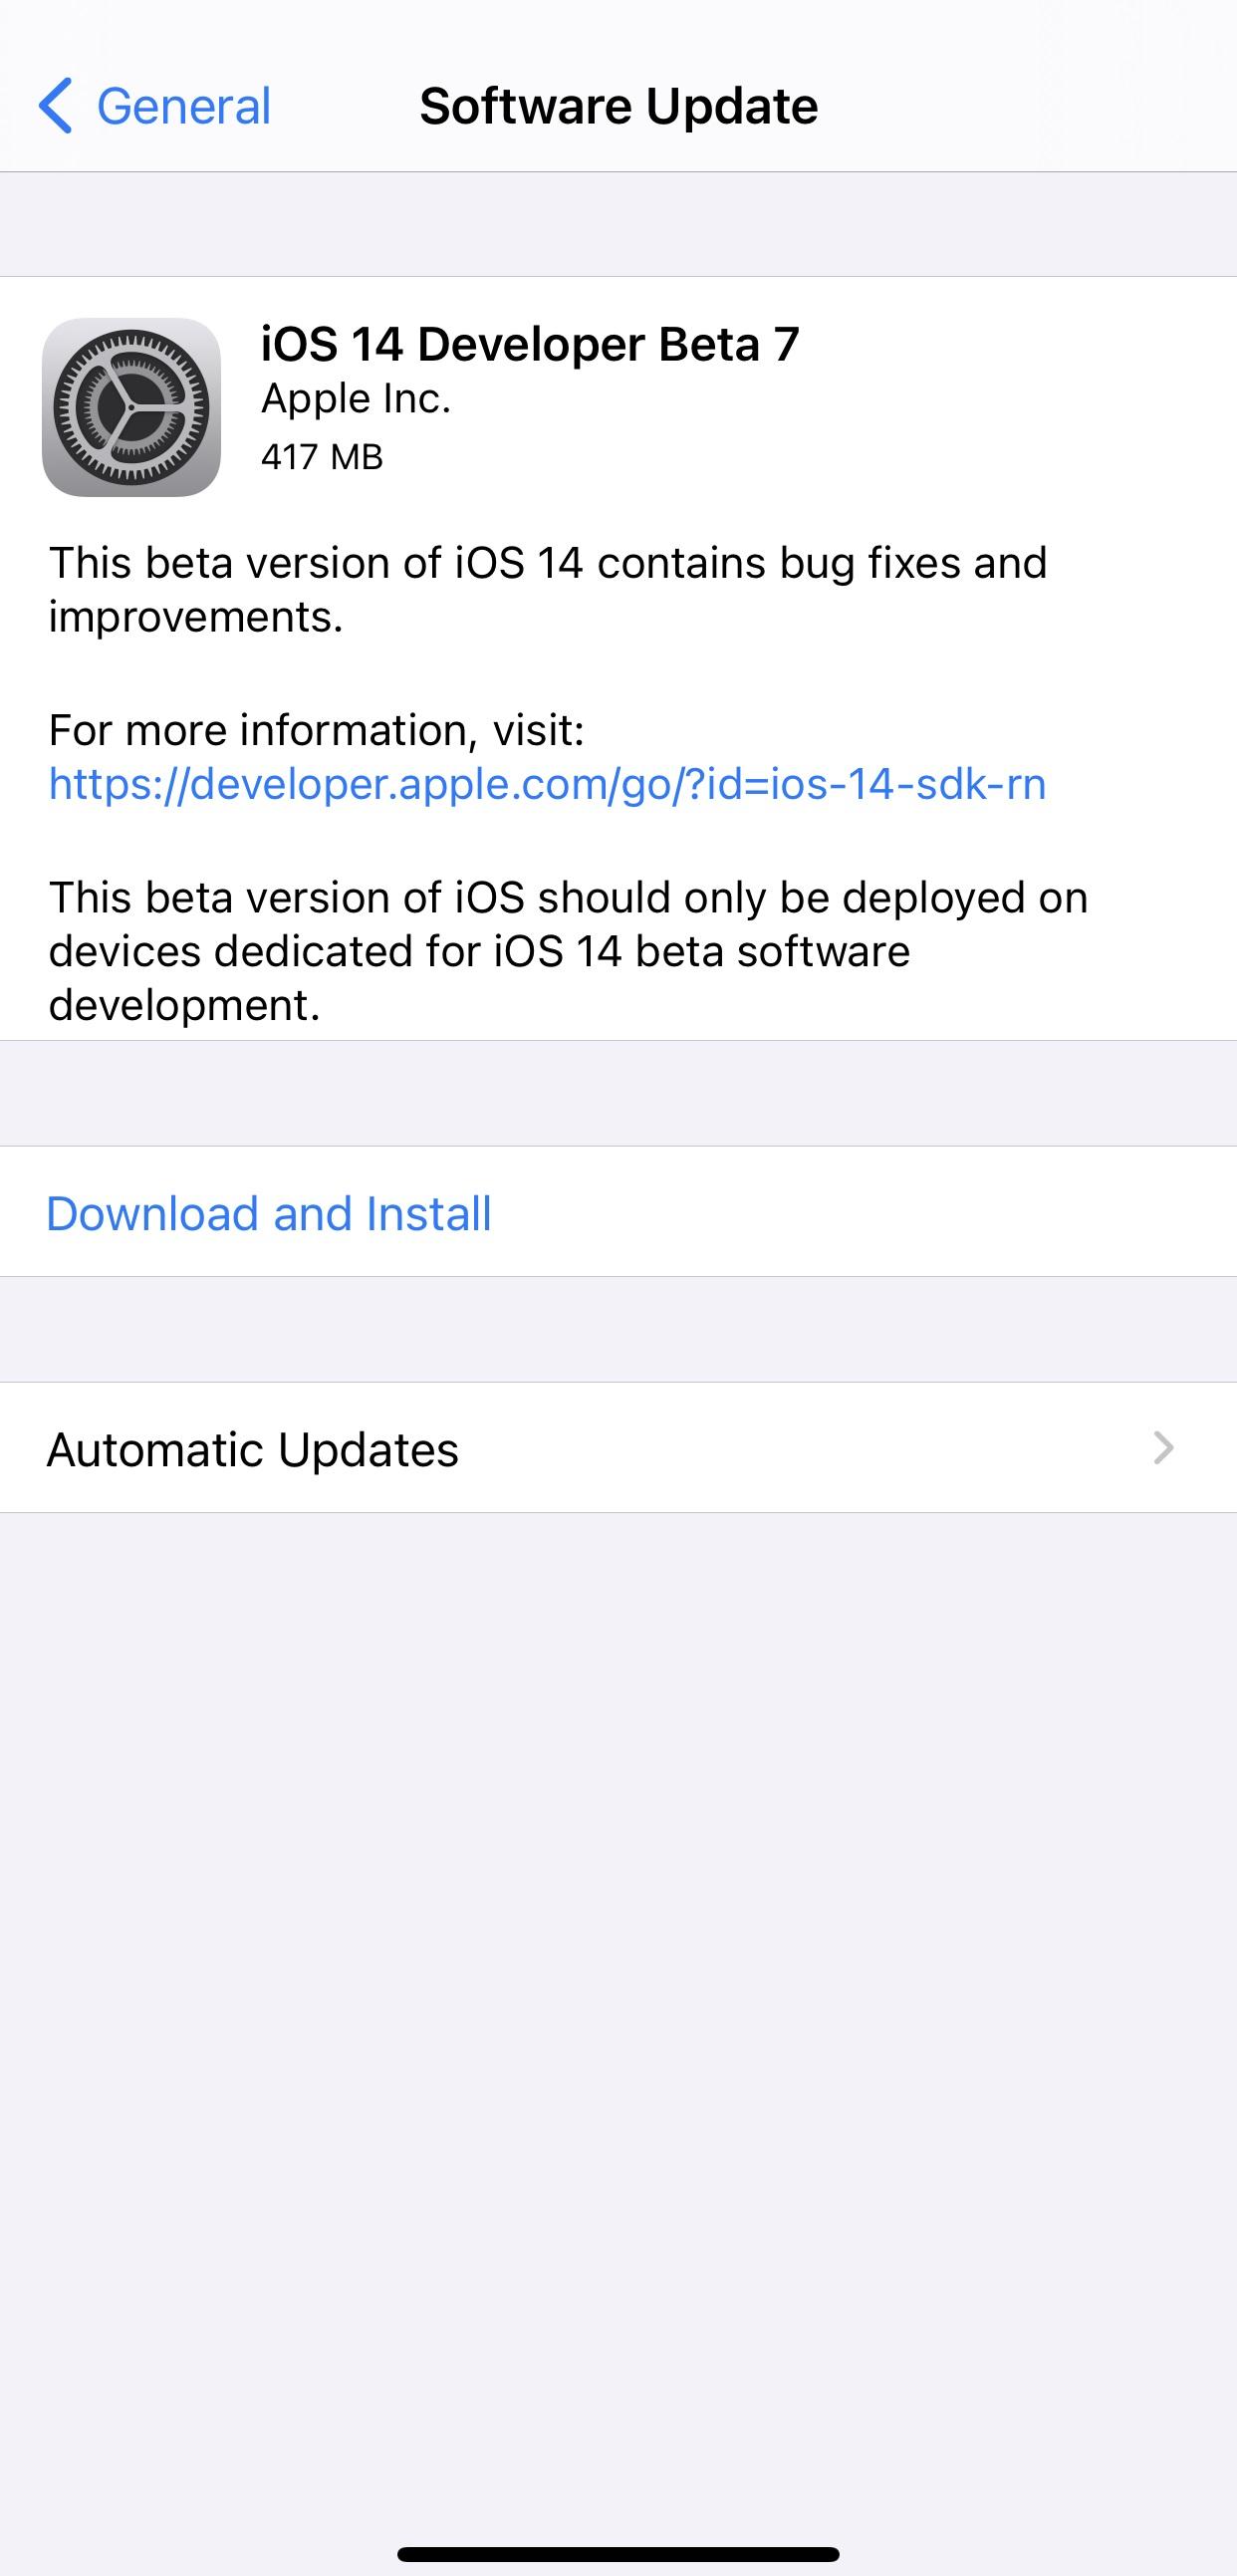 Apple 发布 iOS 14 开发者预览版 beta 7,修复 AirPods 弹窗显示错误